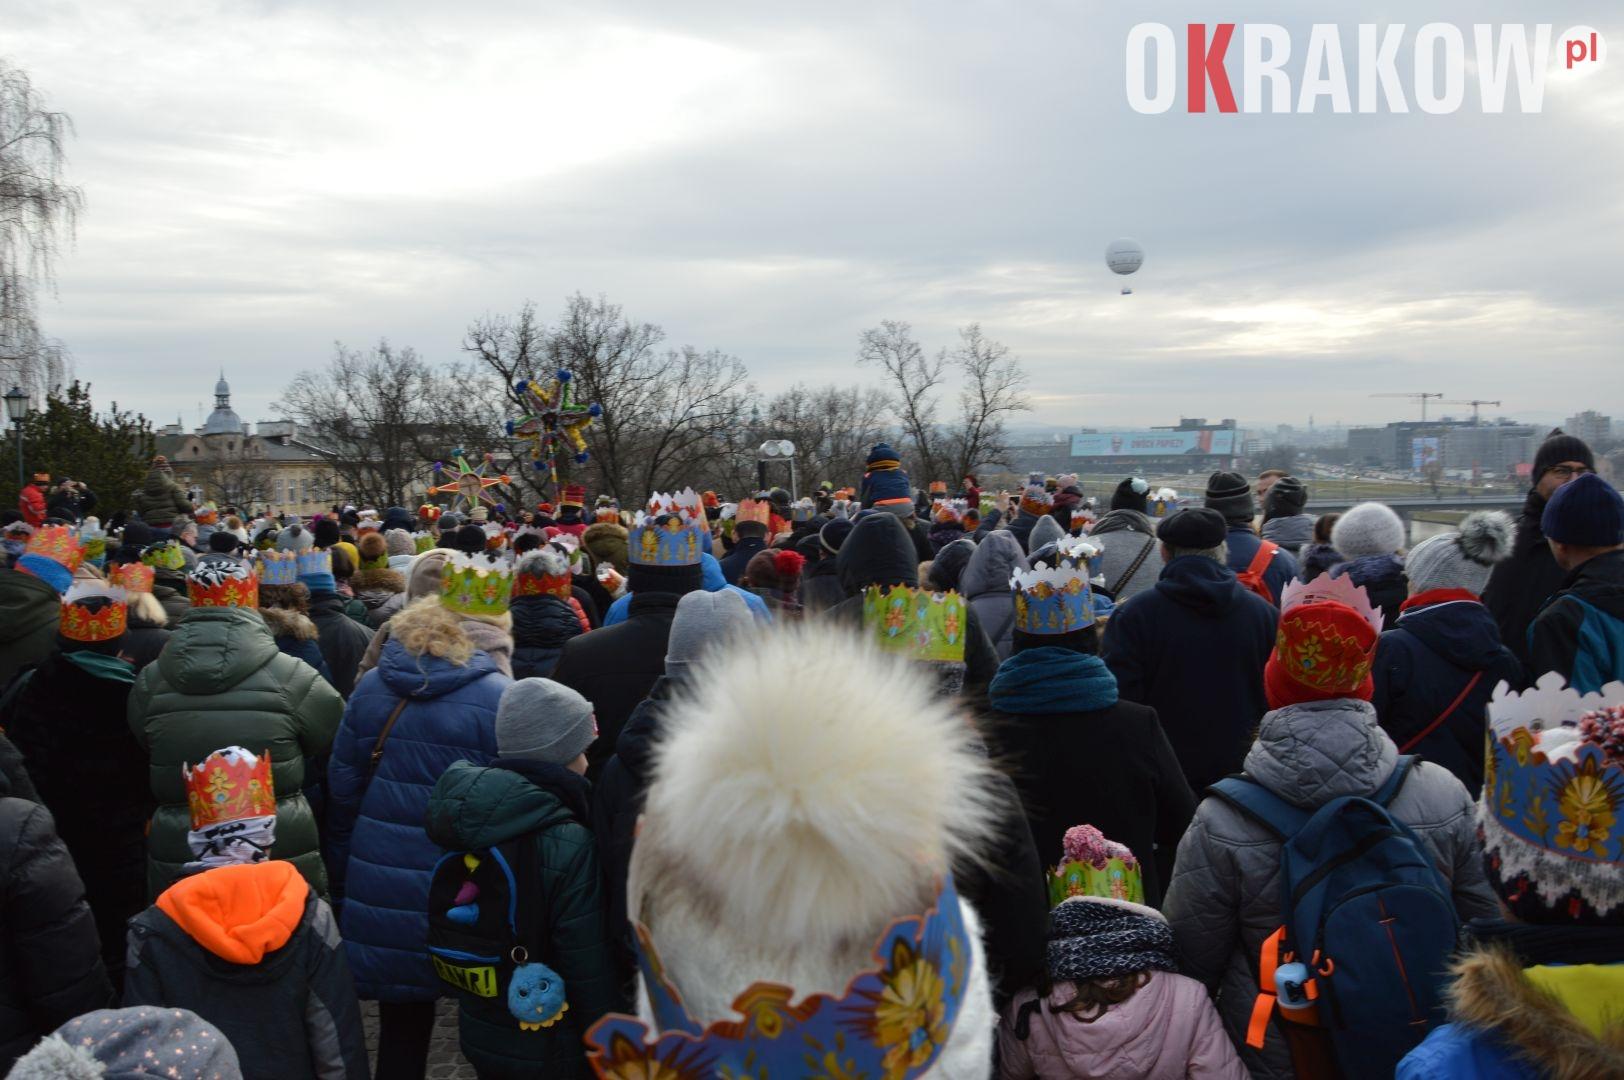 orszak 22 1 150x150 - Orszak Trzech Króli Kraków 2020 Galeria Zdjęć z Orszaku (czerwonego)